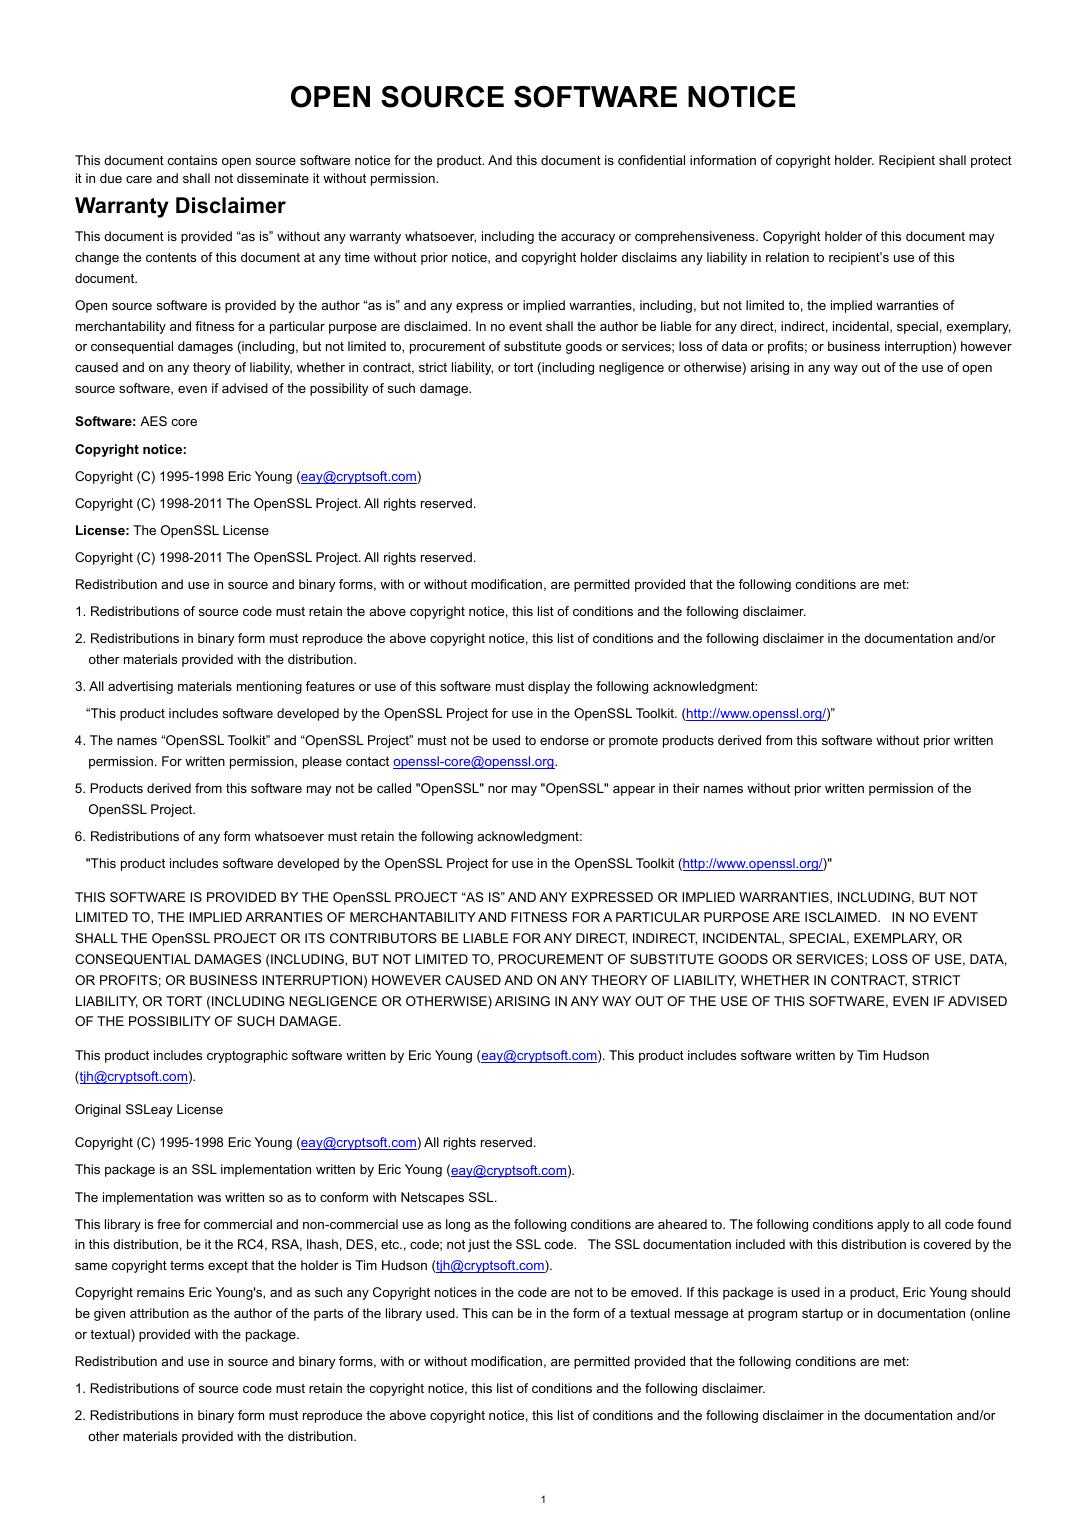 Huawei Pt200 MN User manual | manualzz com